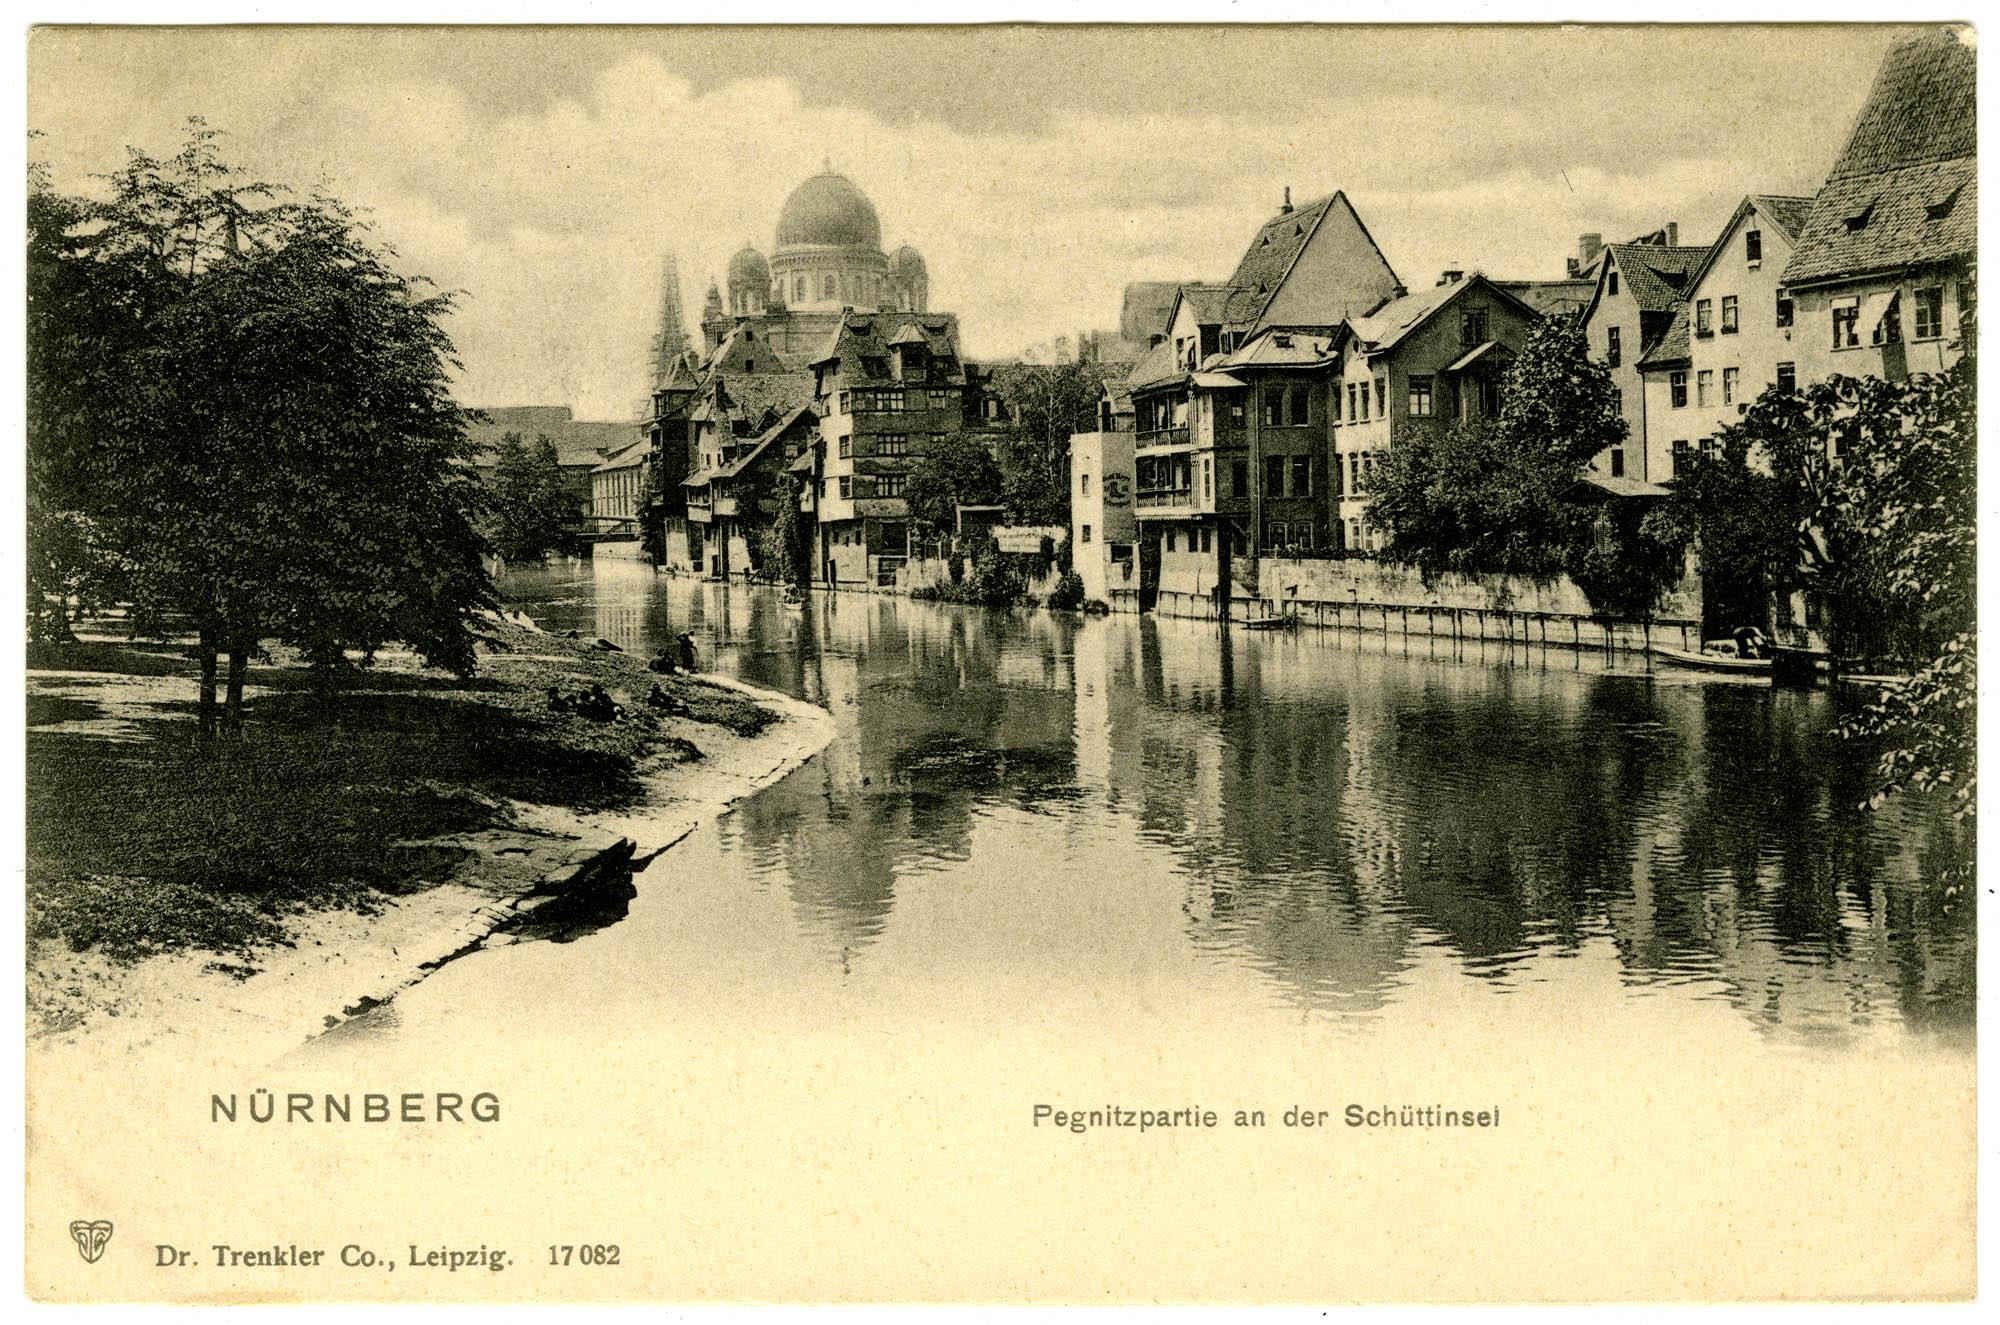 Nürnberg, Pegnitzpartie an der Schüttinsel